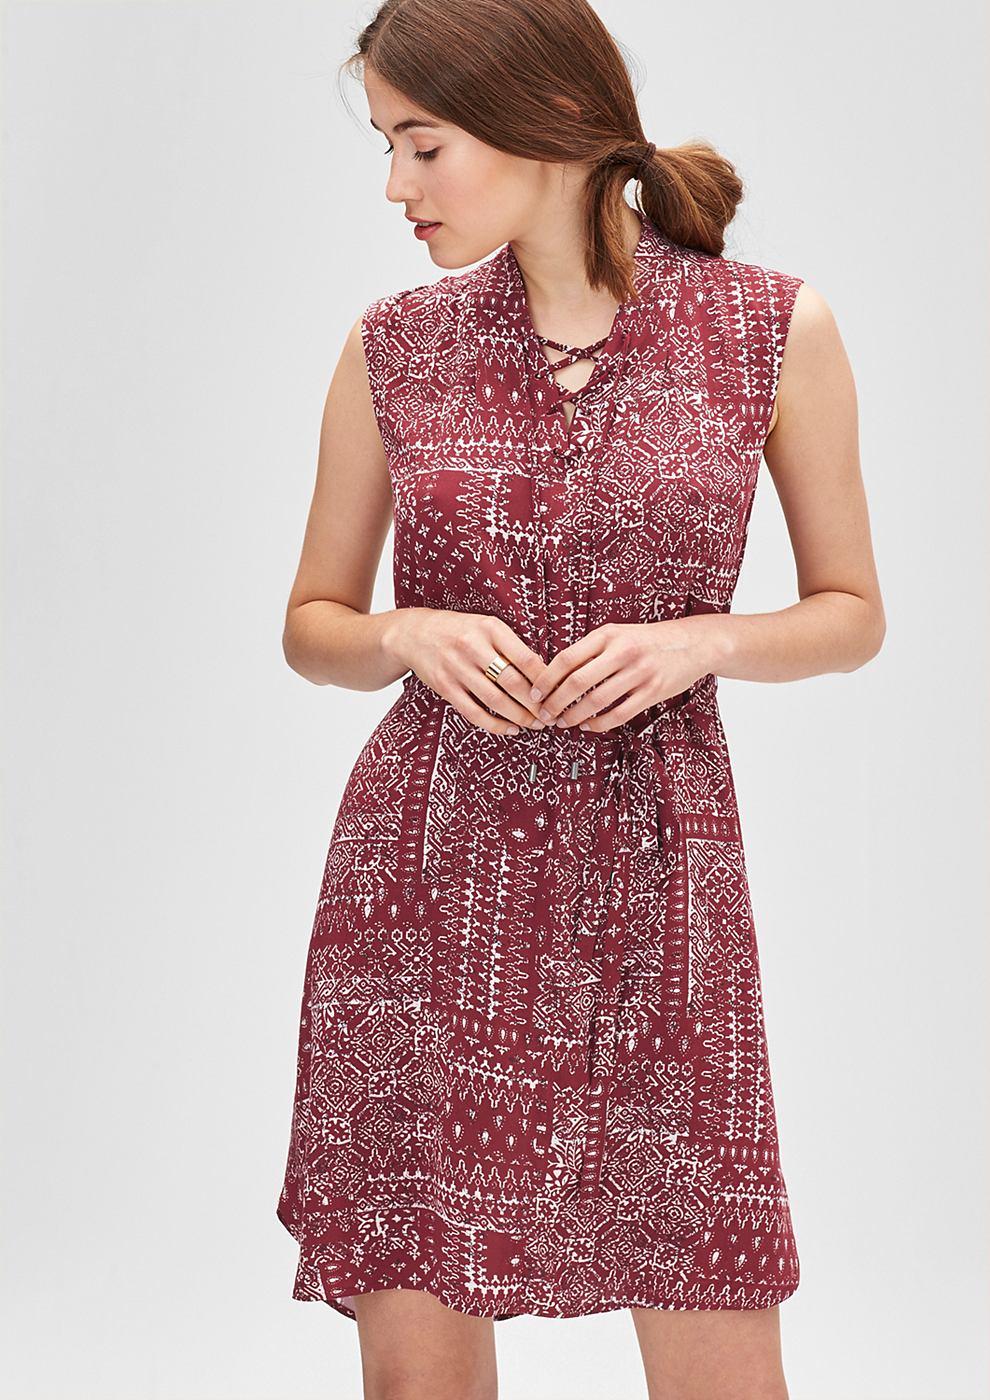 s.Oliver Etnische jurk met vetersluiting roze